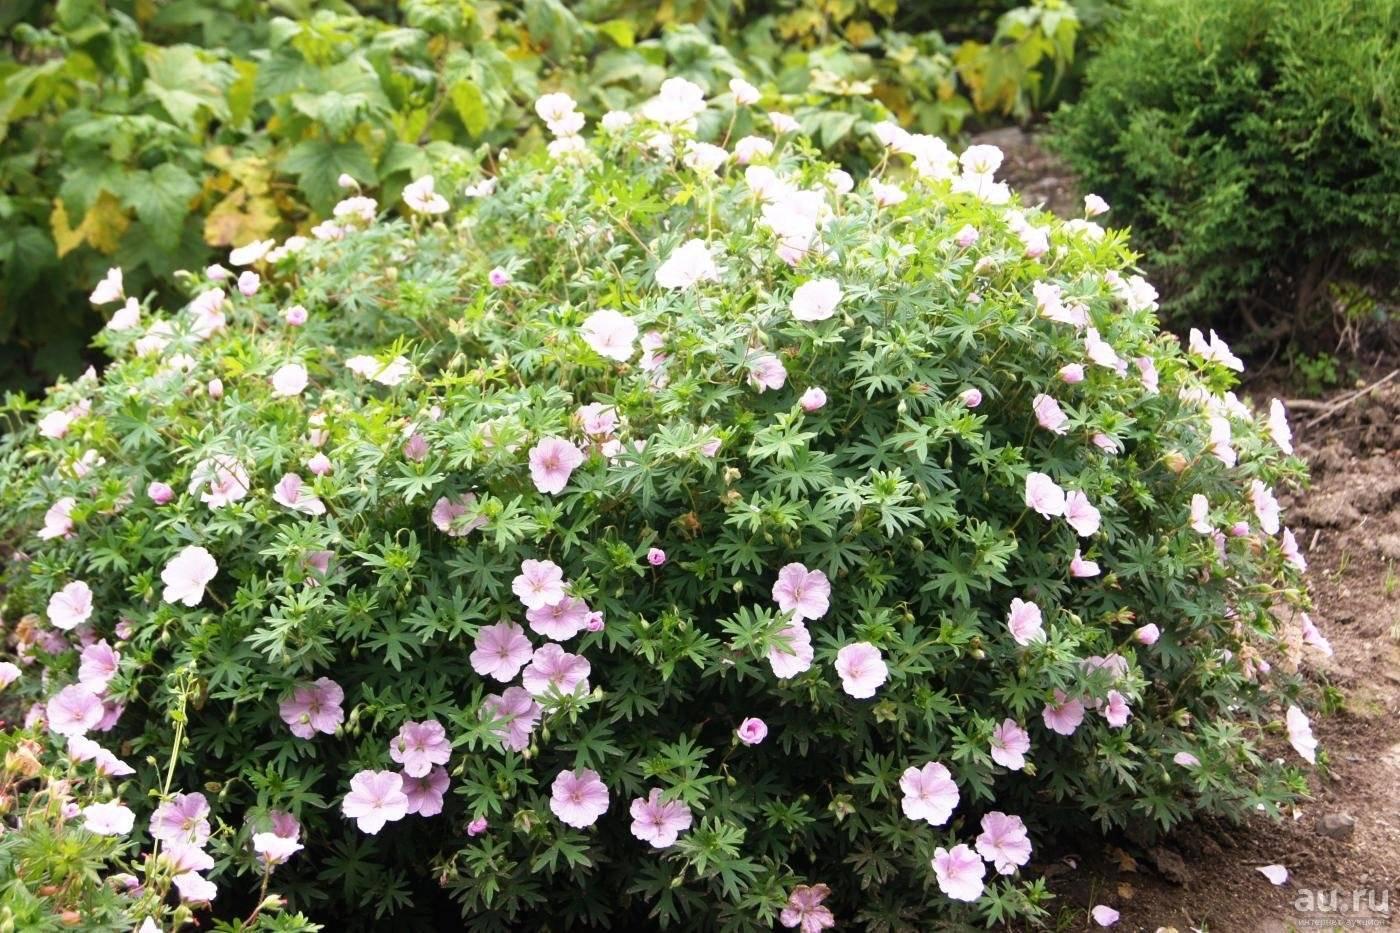 Герань гибридная: ботаническое описание и внешний вид растения, популярные сорта патриция, блу блад, розанна и другие, особенности ухода, болезни и вредители